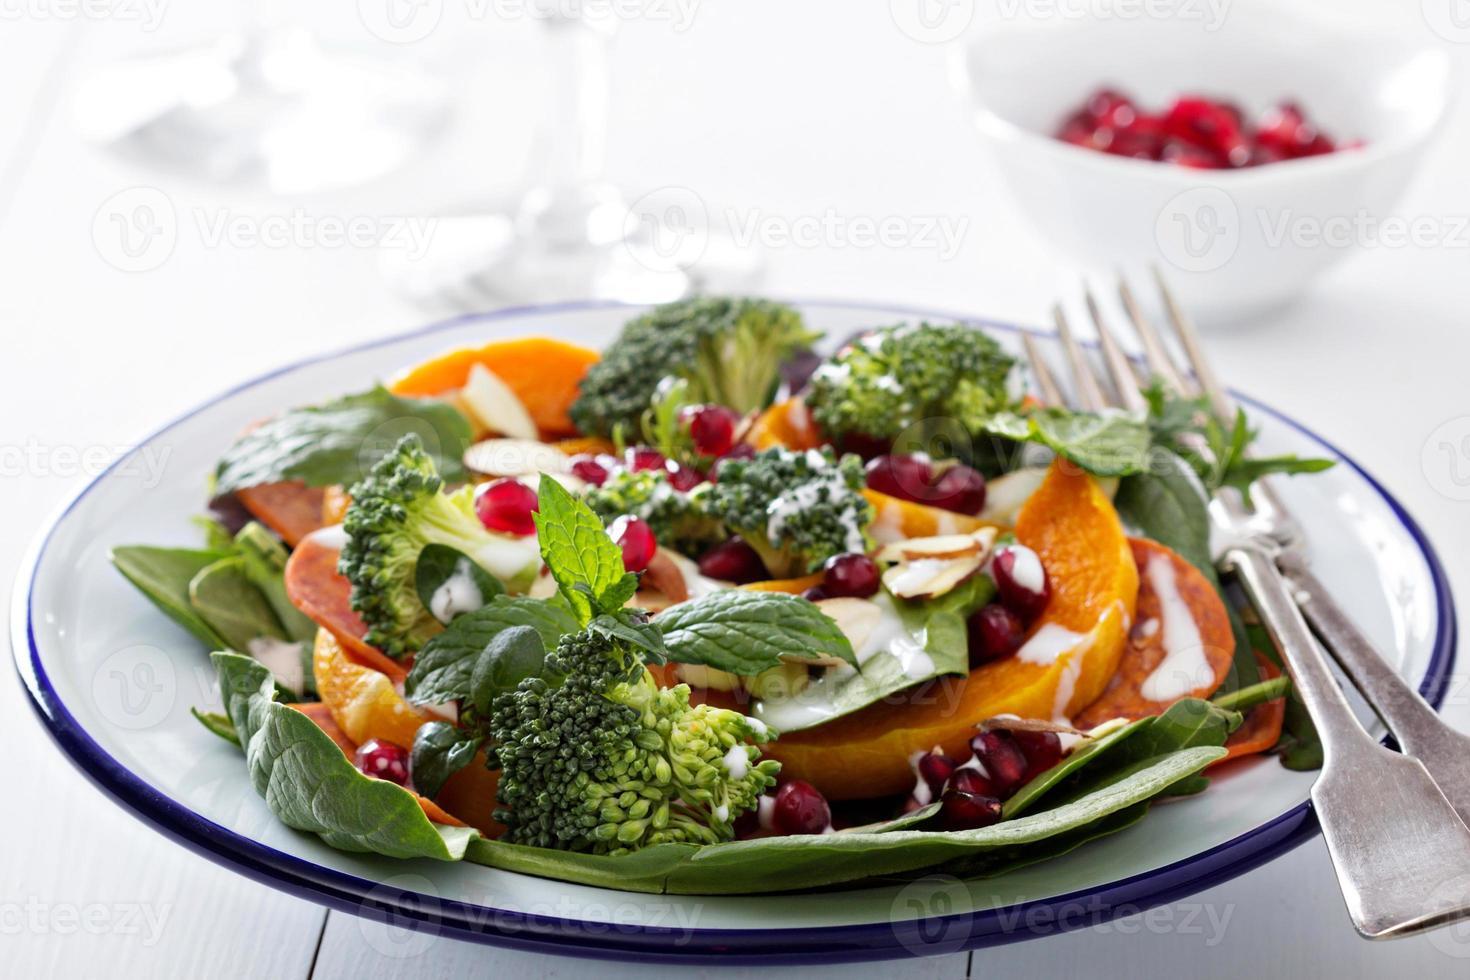 sallad med grönsaker, pepperoni och pomergranat foto